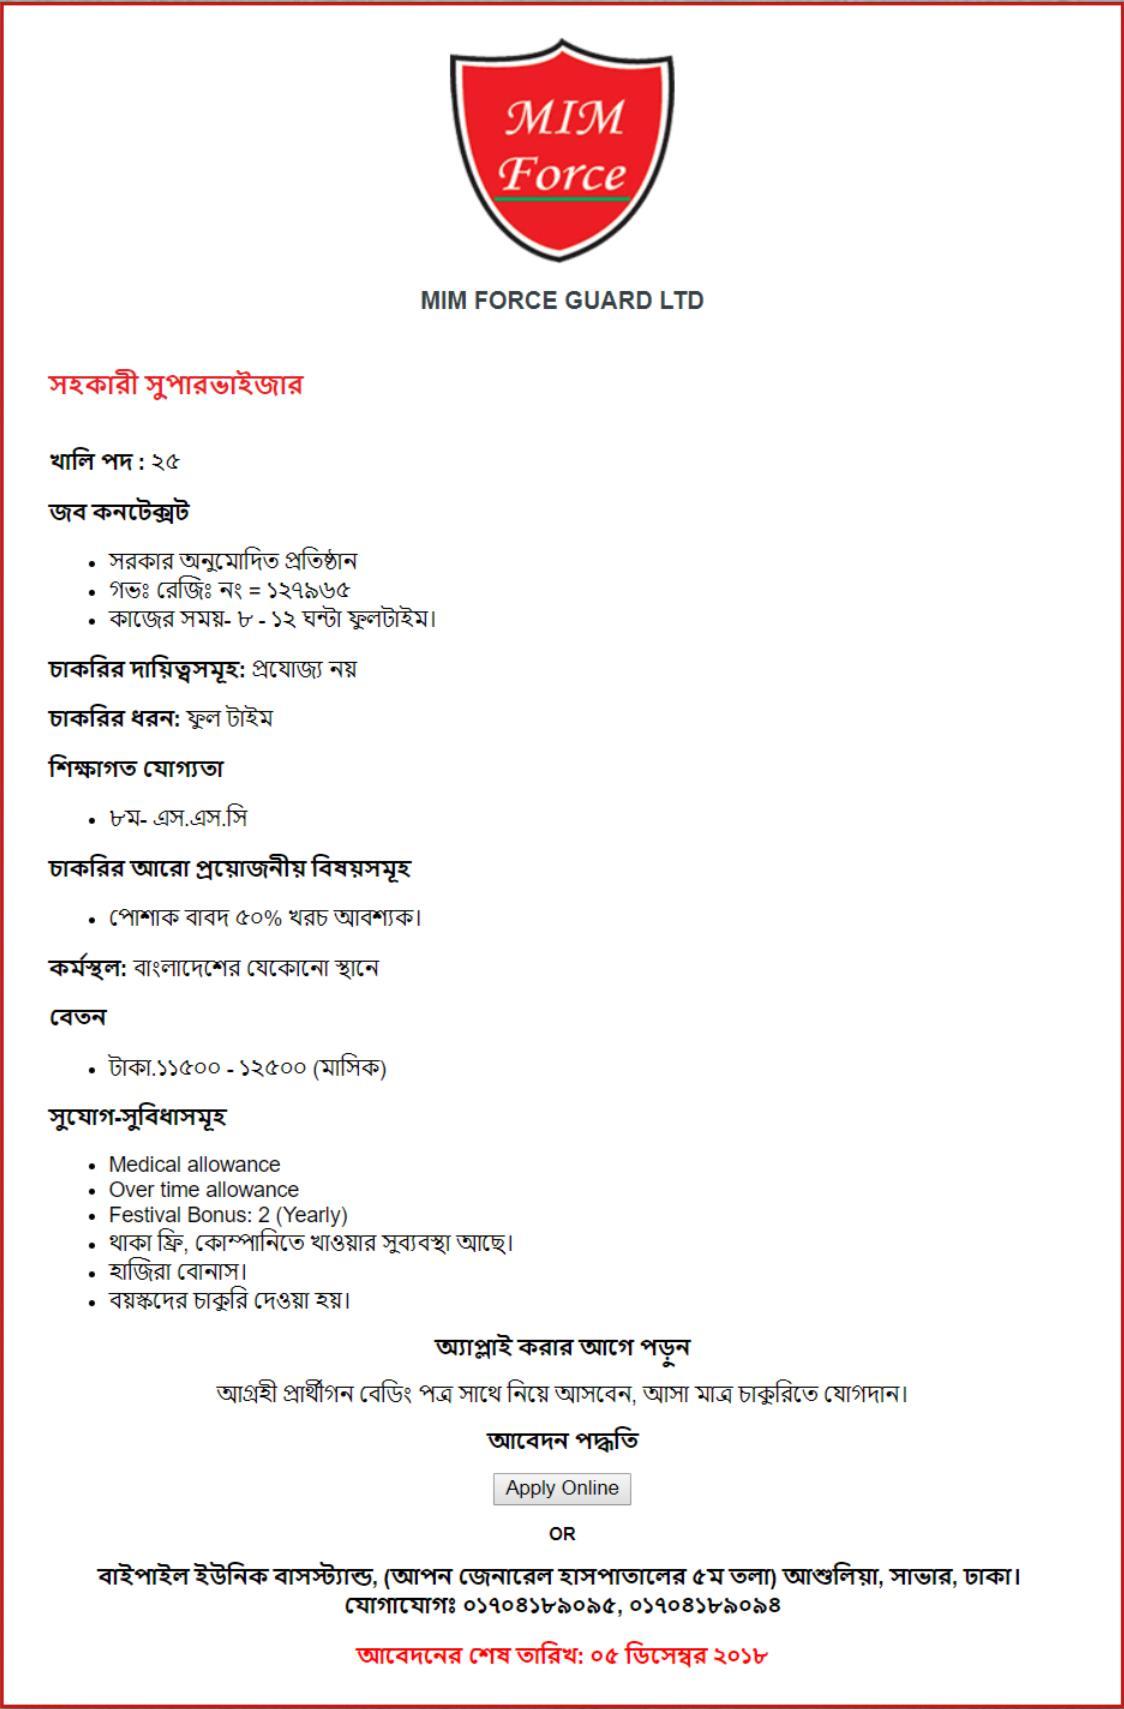 Mim Force Guard Ltd - Mim Force Guard Ltd Job Circular